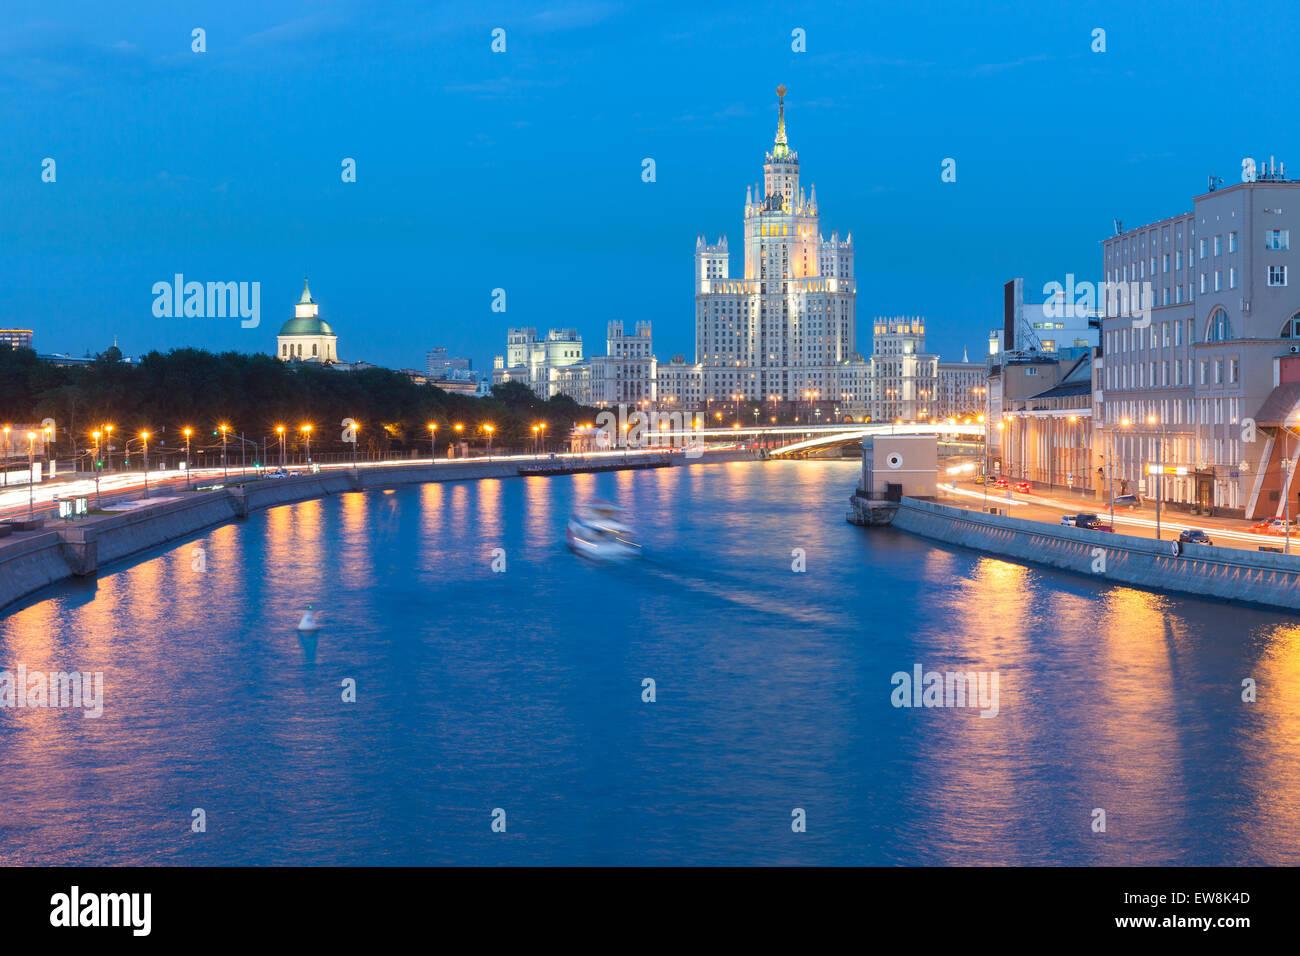 Abenddämmerung Blick auf die Kotelnicheskaya Damm Gebäude, eines der sieben Schwestern-Gebäude in Moskau, Russland. Stockfoto